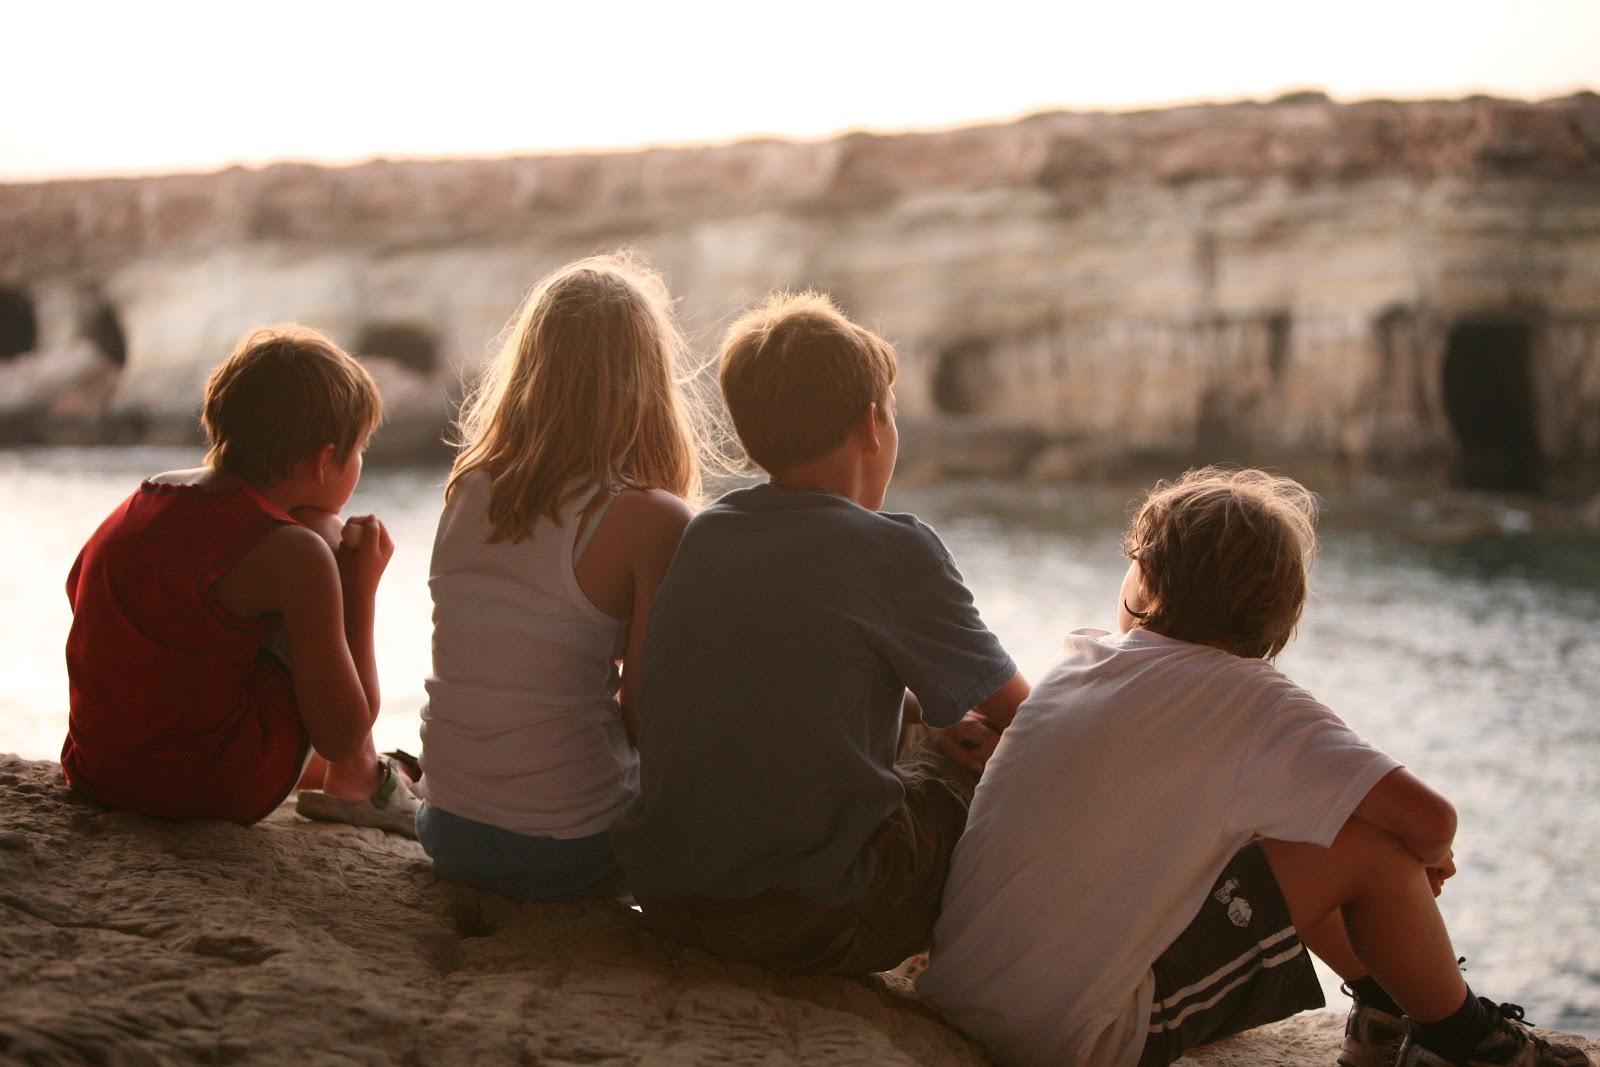 座っている四人の子供の友達同士の後ろ姿